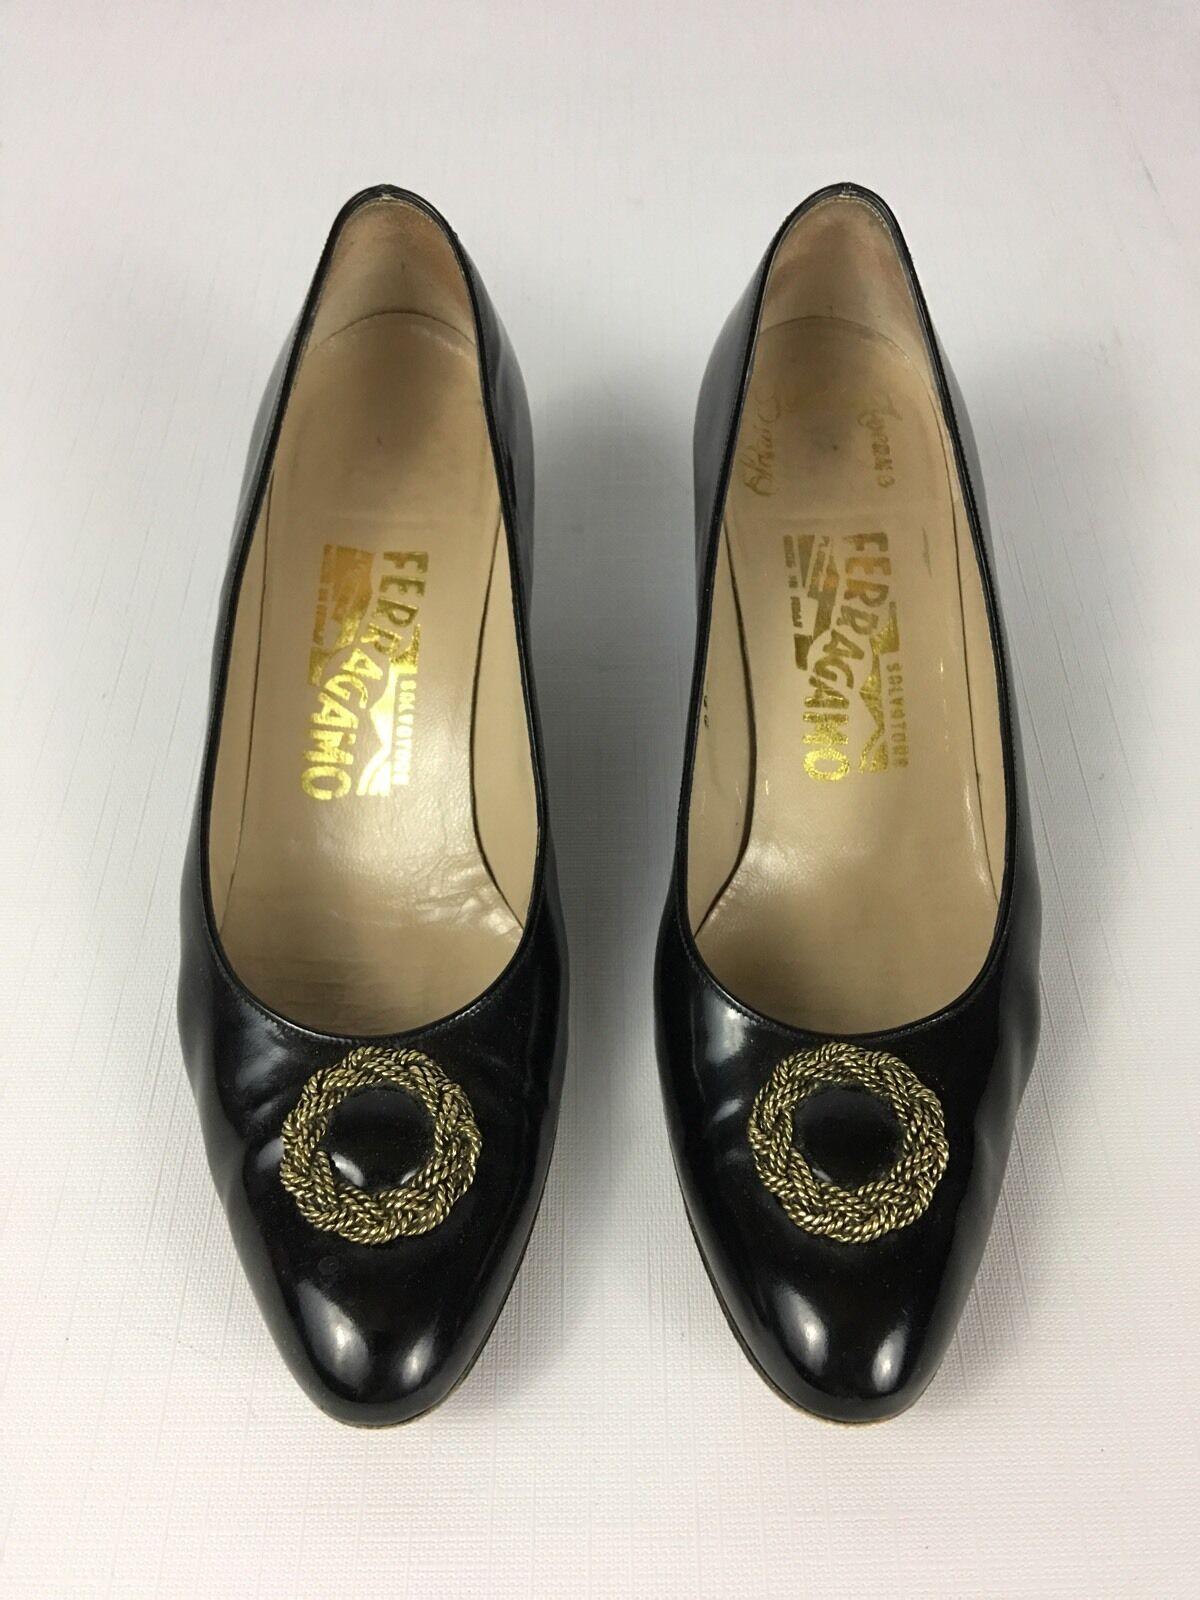 Women's Vintage Salvatore Ferragamo Black Classic PERVINCA Heel Pumps 7.5 AAA